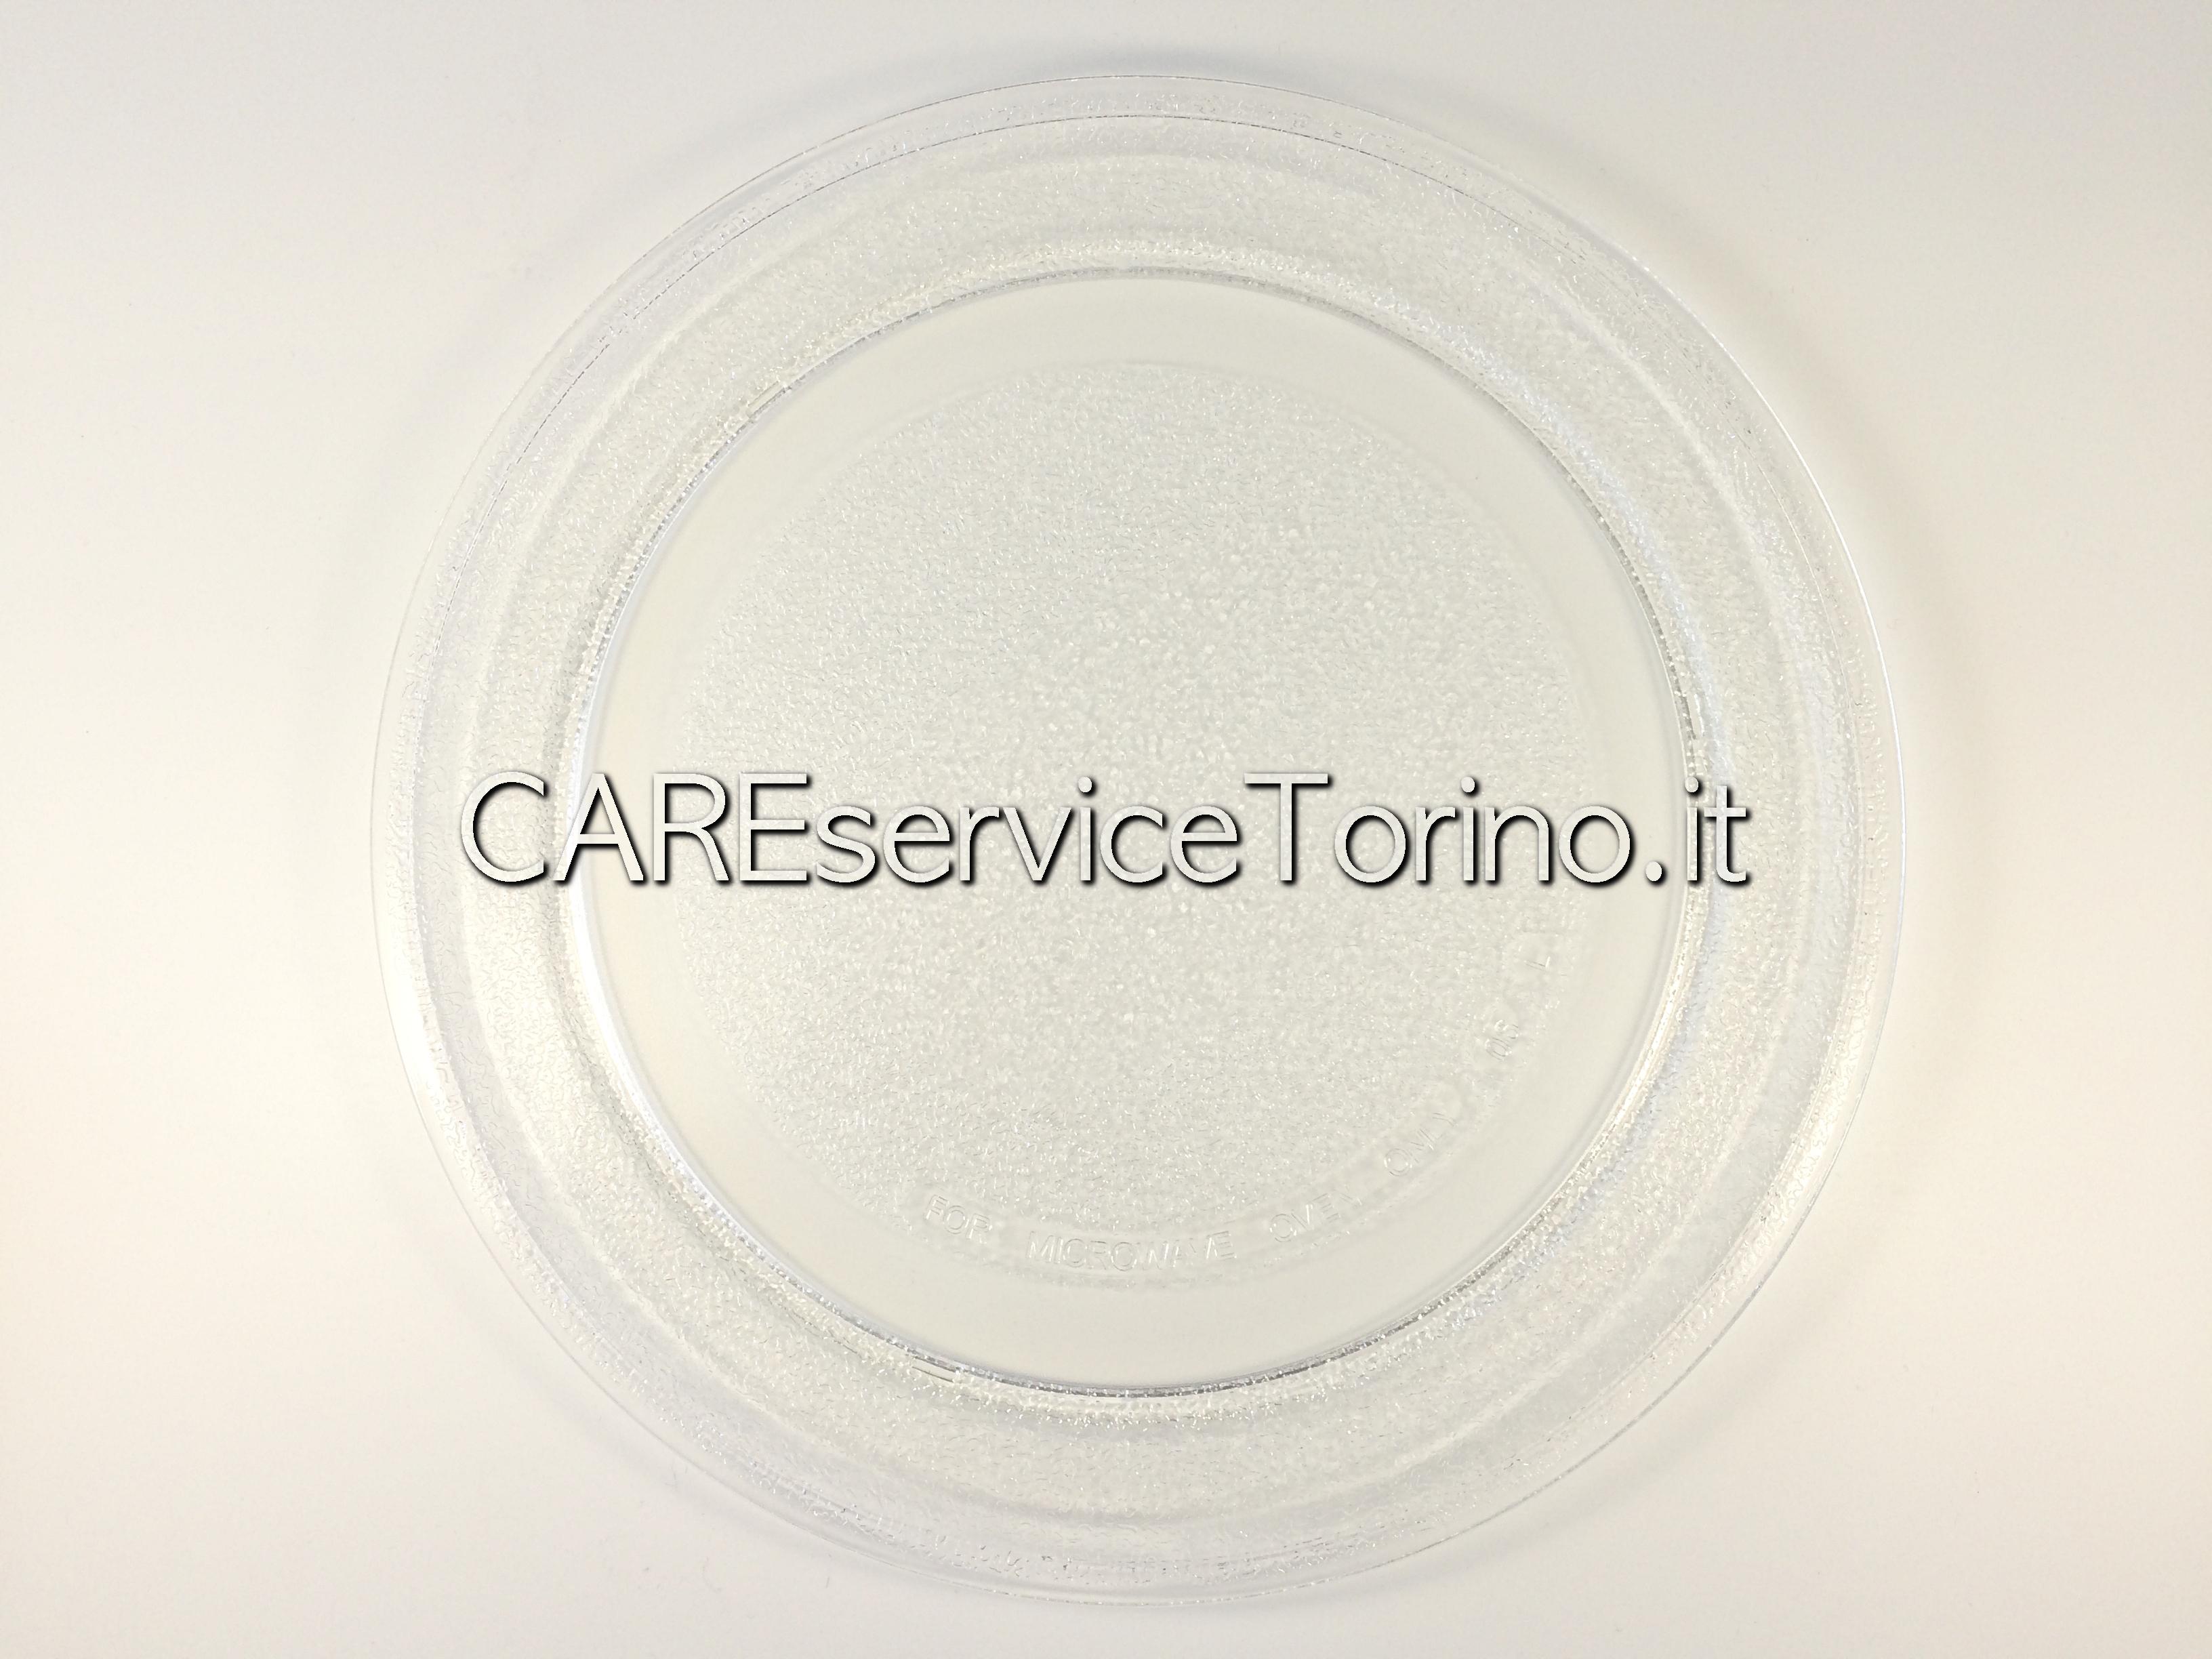 Cs, CAREservice MJ1440-1 MICROONDE | Piatto [Cod.MJ1440] DeLonghi LG Microonde Piatti Vetro  MJ1440